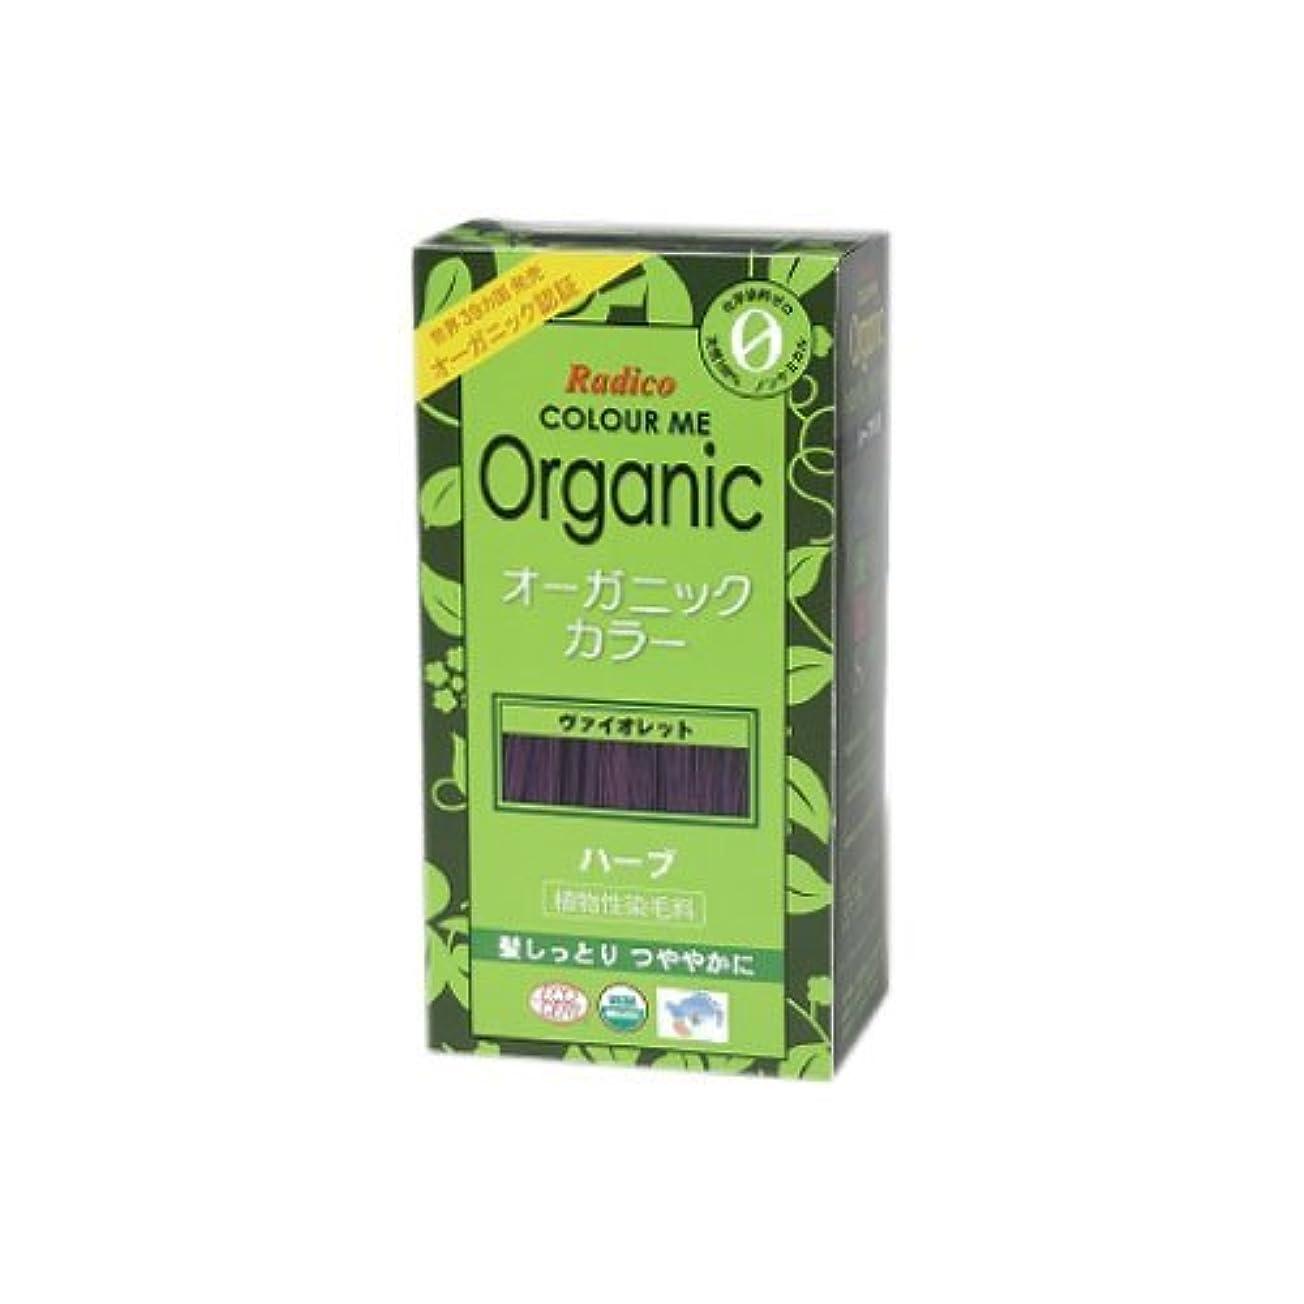 歯車ガラガラ財団COLOURME Organic (カラーミーオーガニック ヘナ 白髪用 紫色) ヴァイオレット 100g